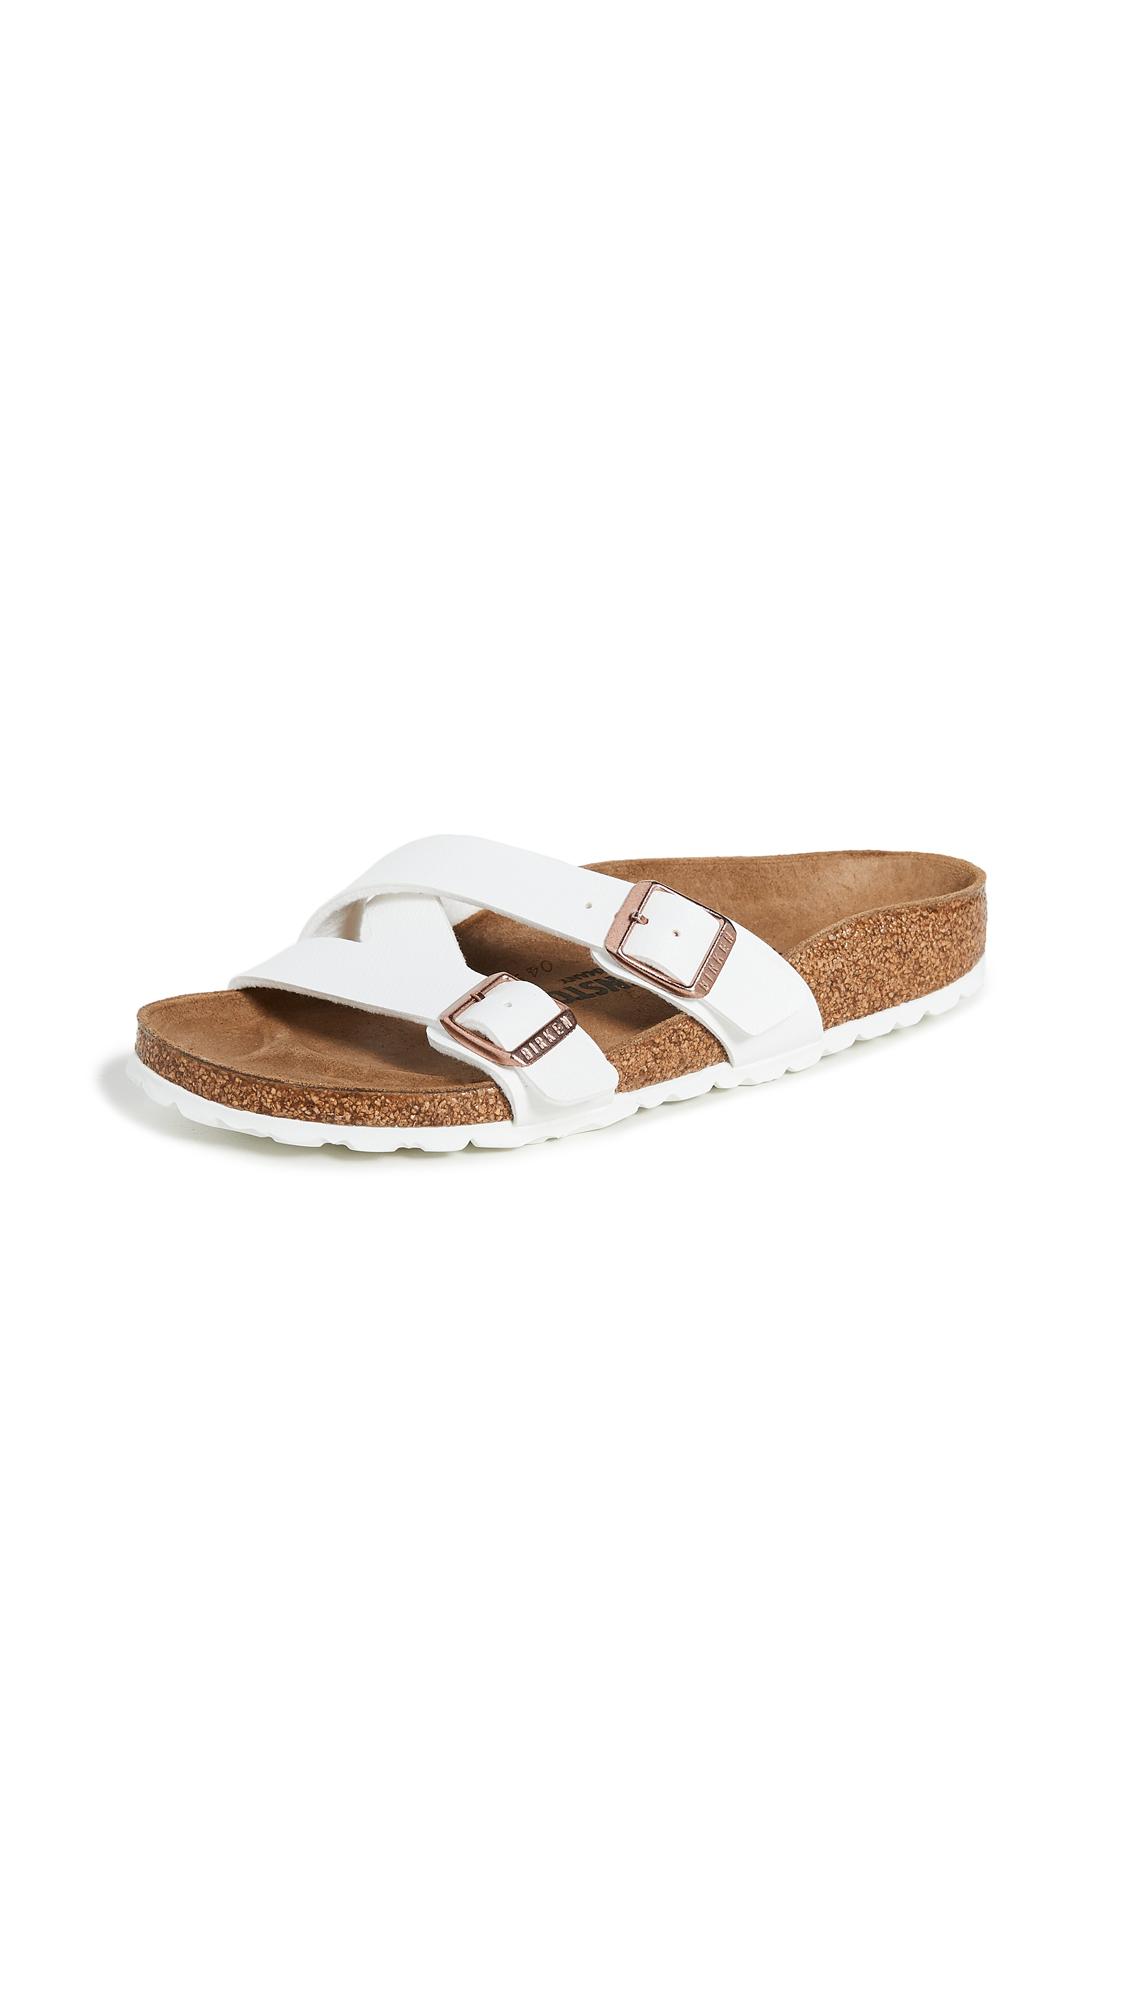 Buy Birkenstock Yao Sandals online, shop Birkenstock